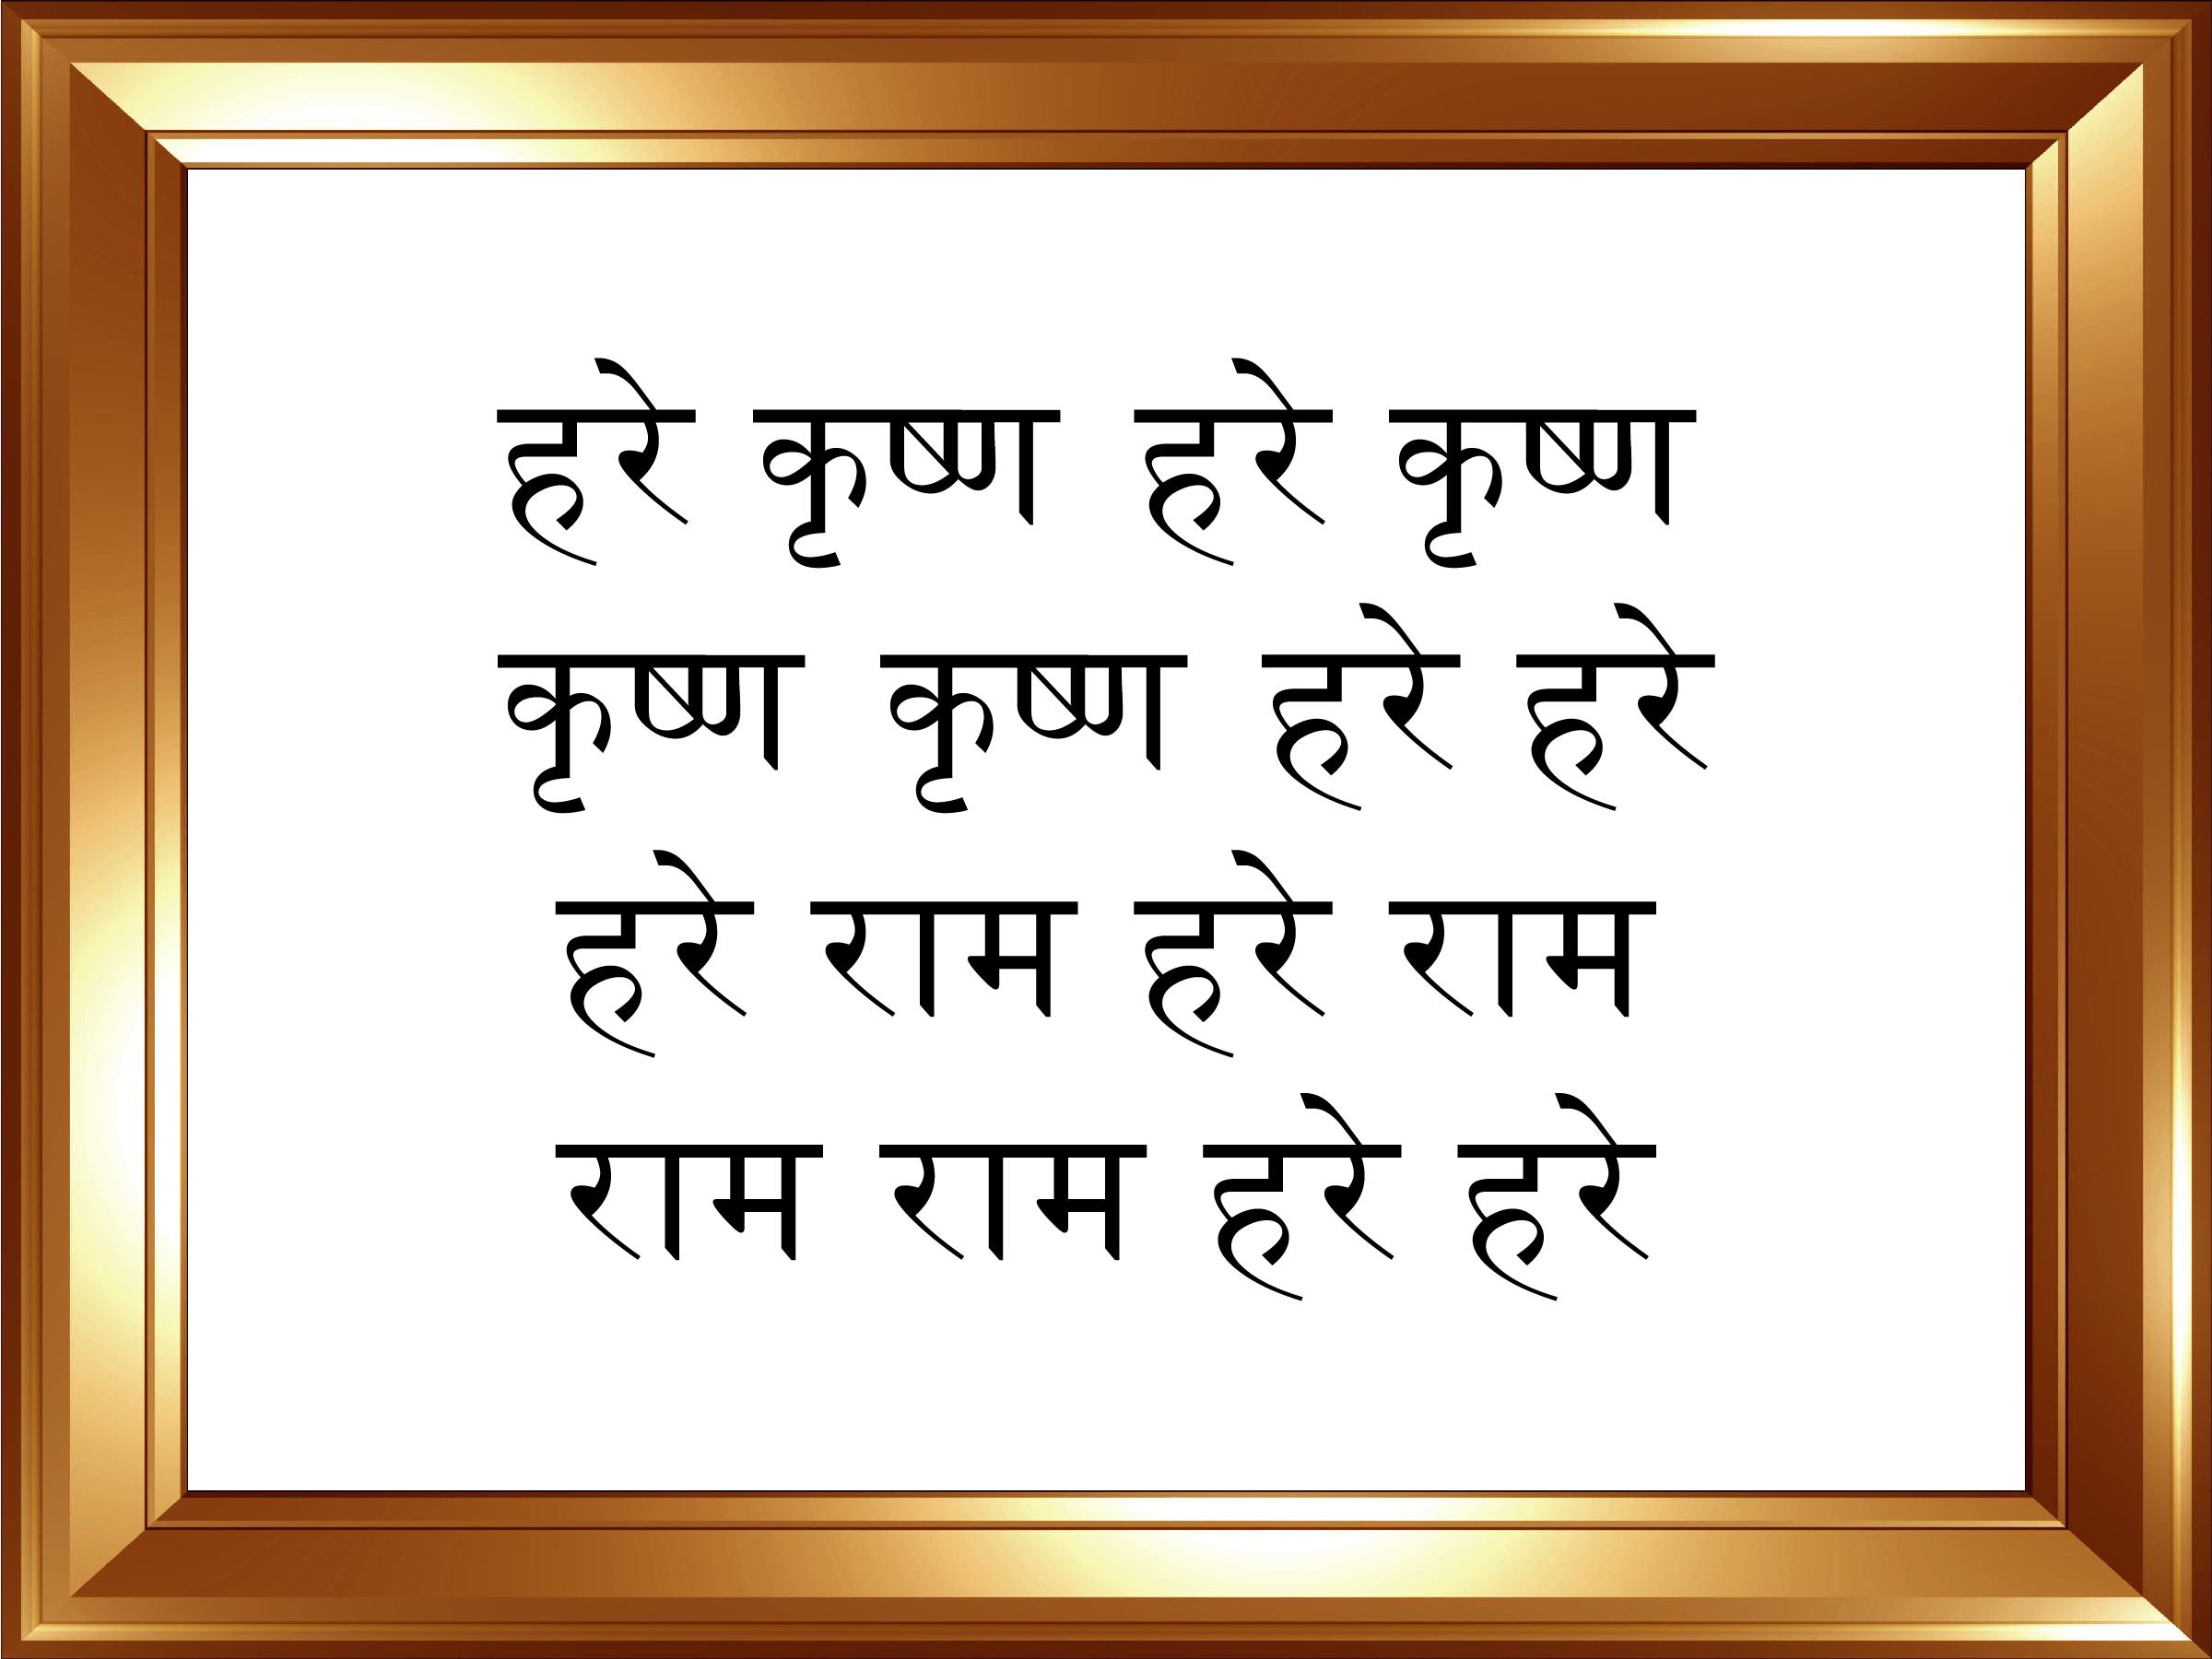 Das Chanten des Hare Krishna‐Mahamantras